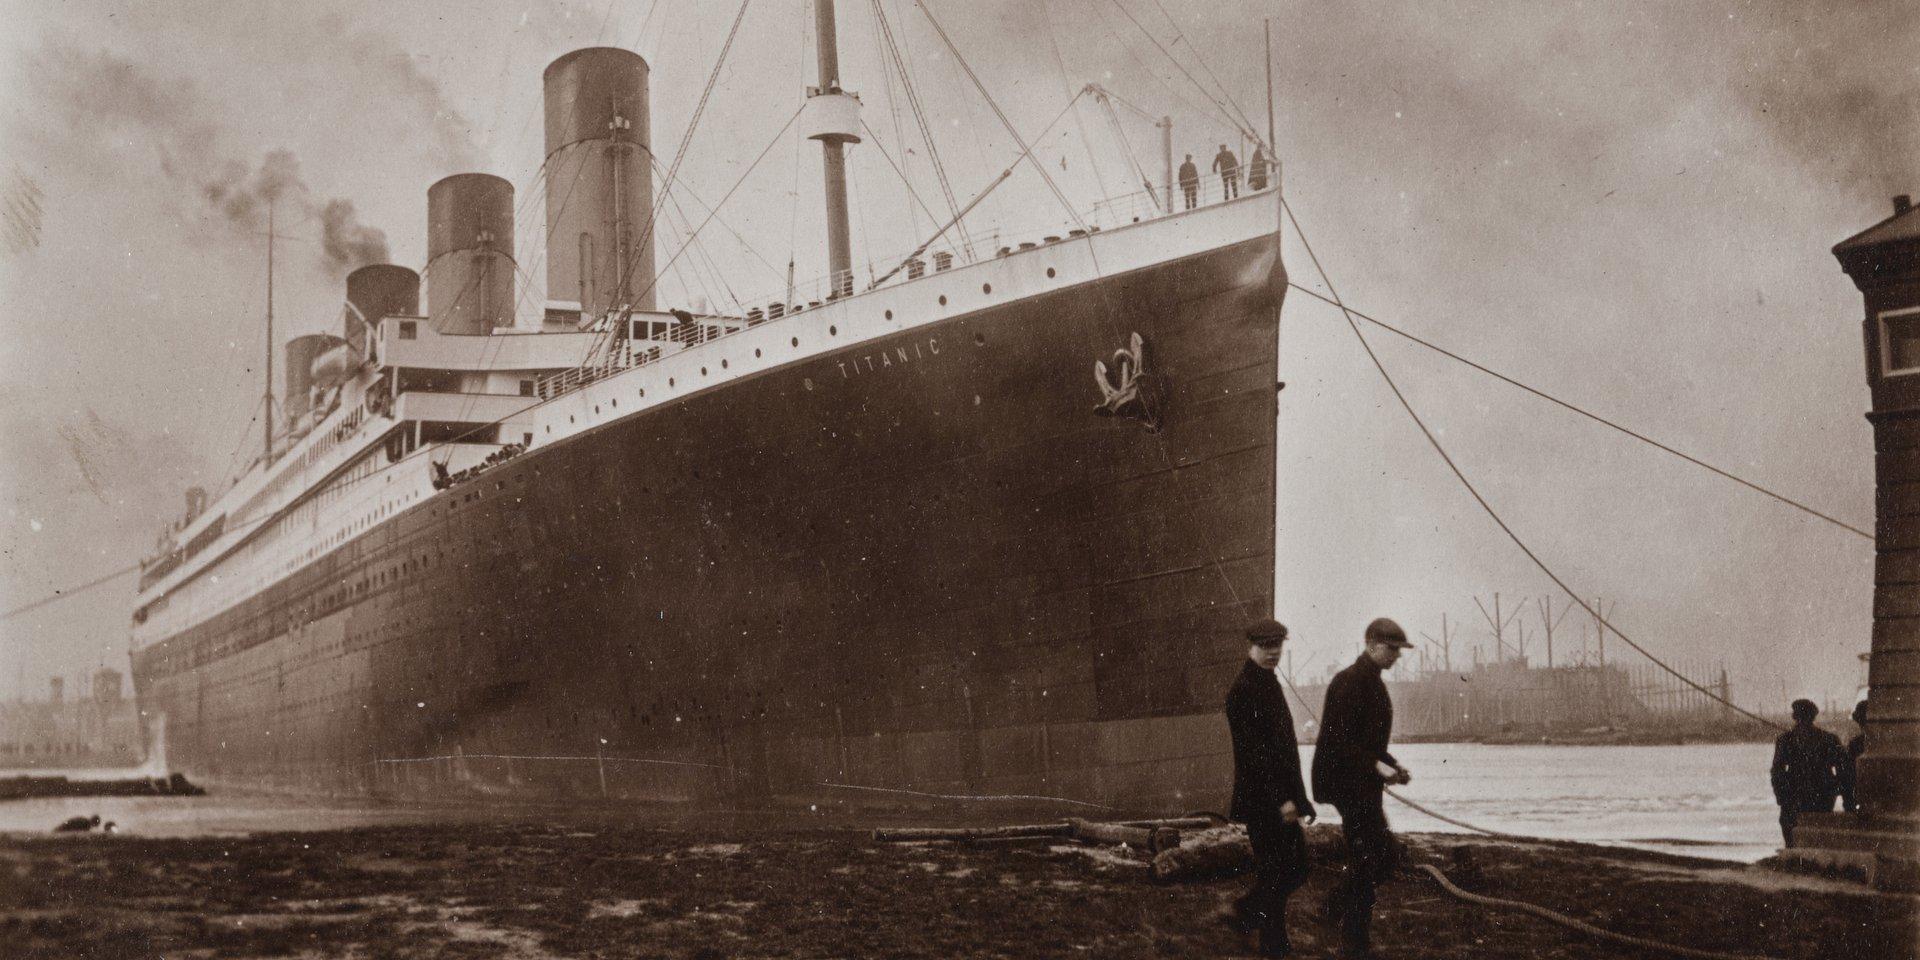 Titanic zatonął 107 lat temu. National Geographic pokaże najciekawsze dokumenty poświęcone katastrofie